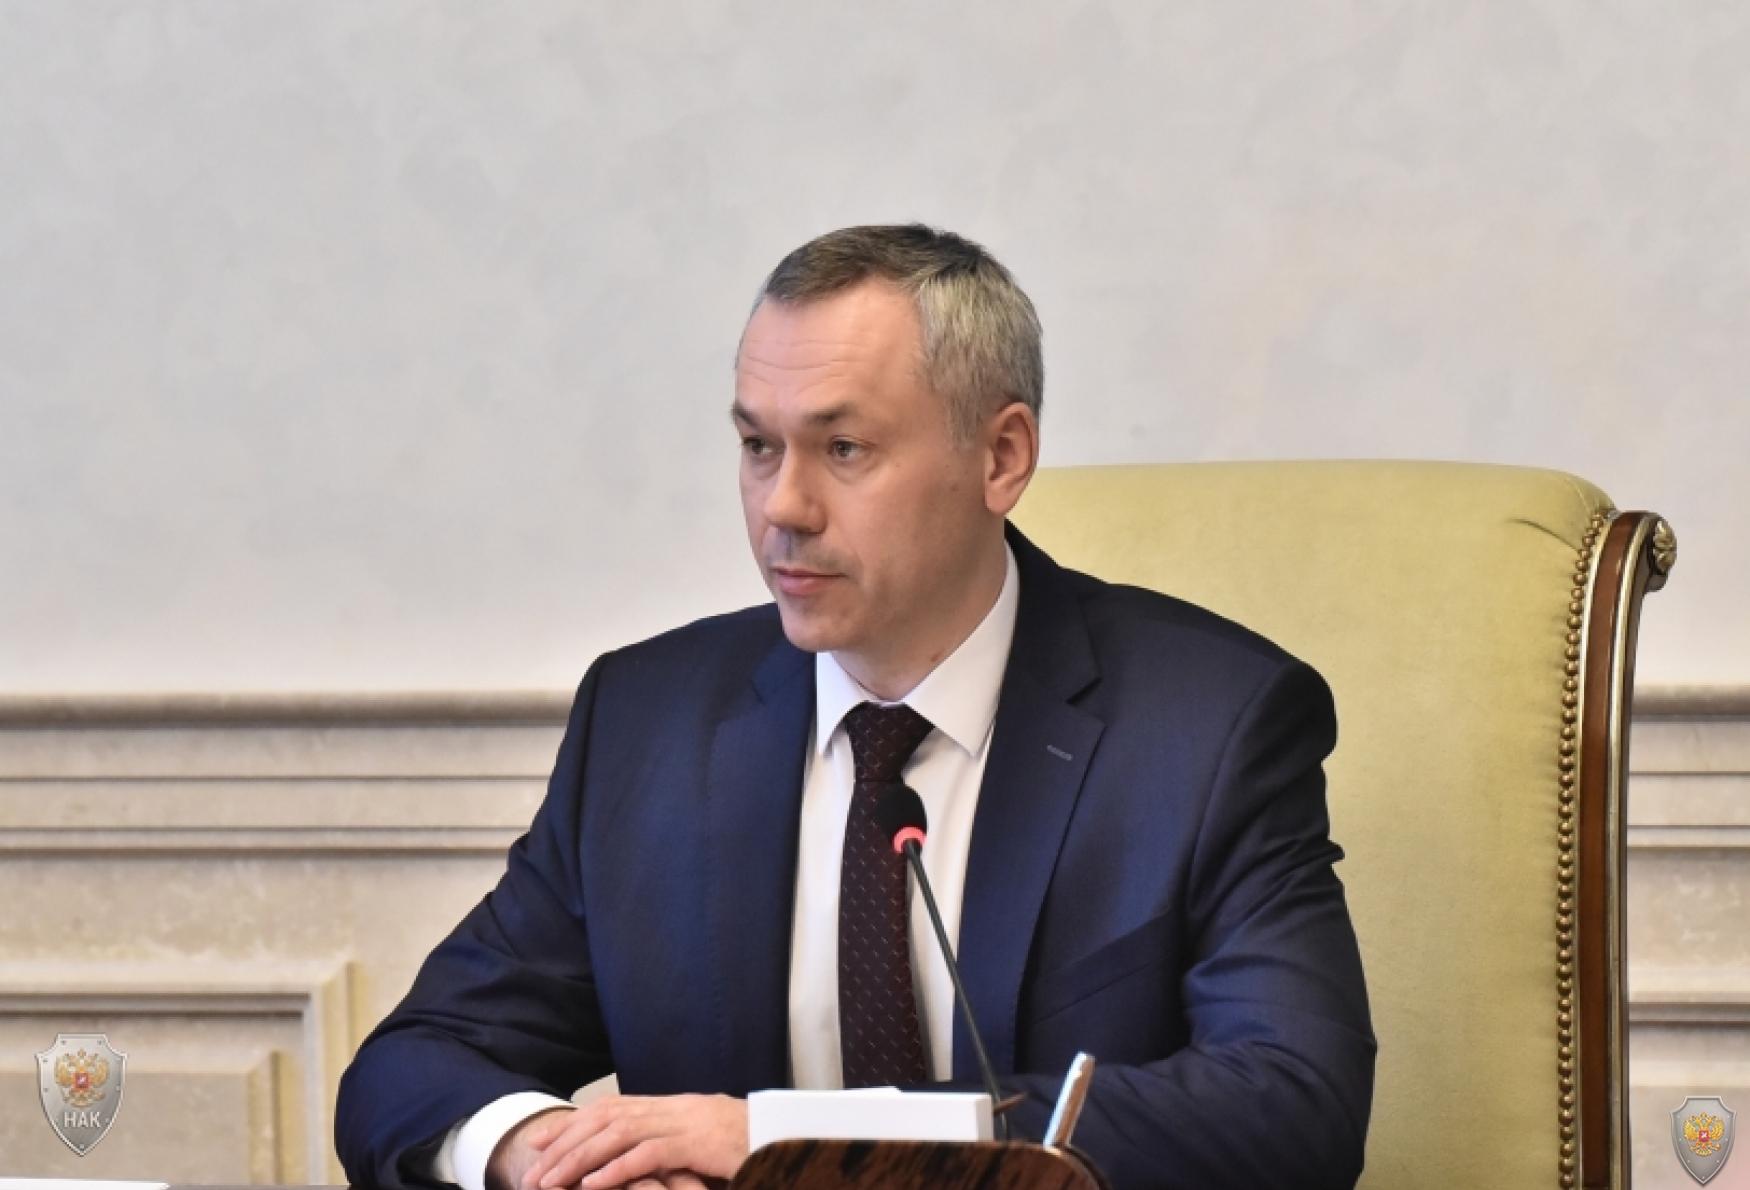 Подведение итогов совместного заседании антитеррористической комиссии и оперативного штаба в Новосибирской области временно исполняющим обязанности Губернатора Новосибирской области – председателем АТК.